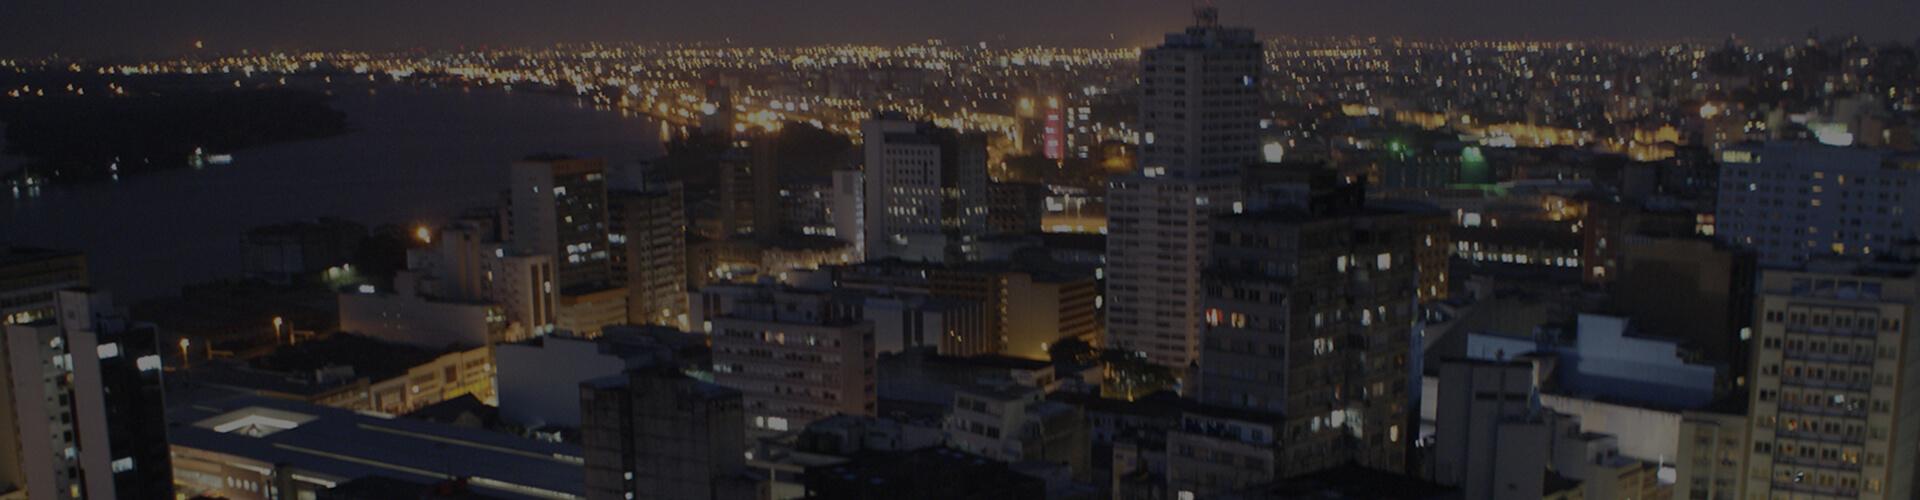 PORTO ALEGRE - RS - CENTRO - FOT. MAXI PRODUÇÕES